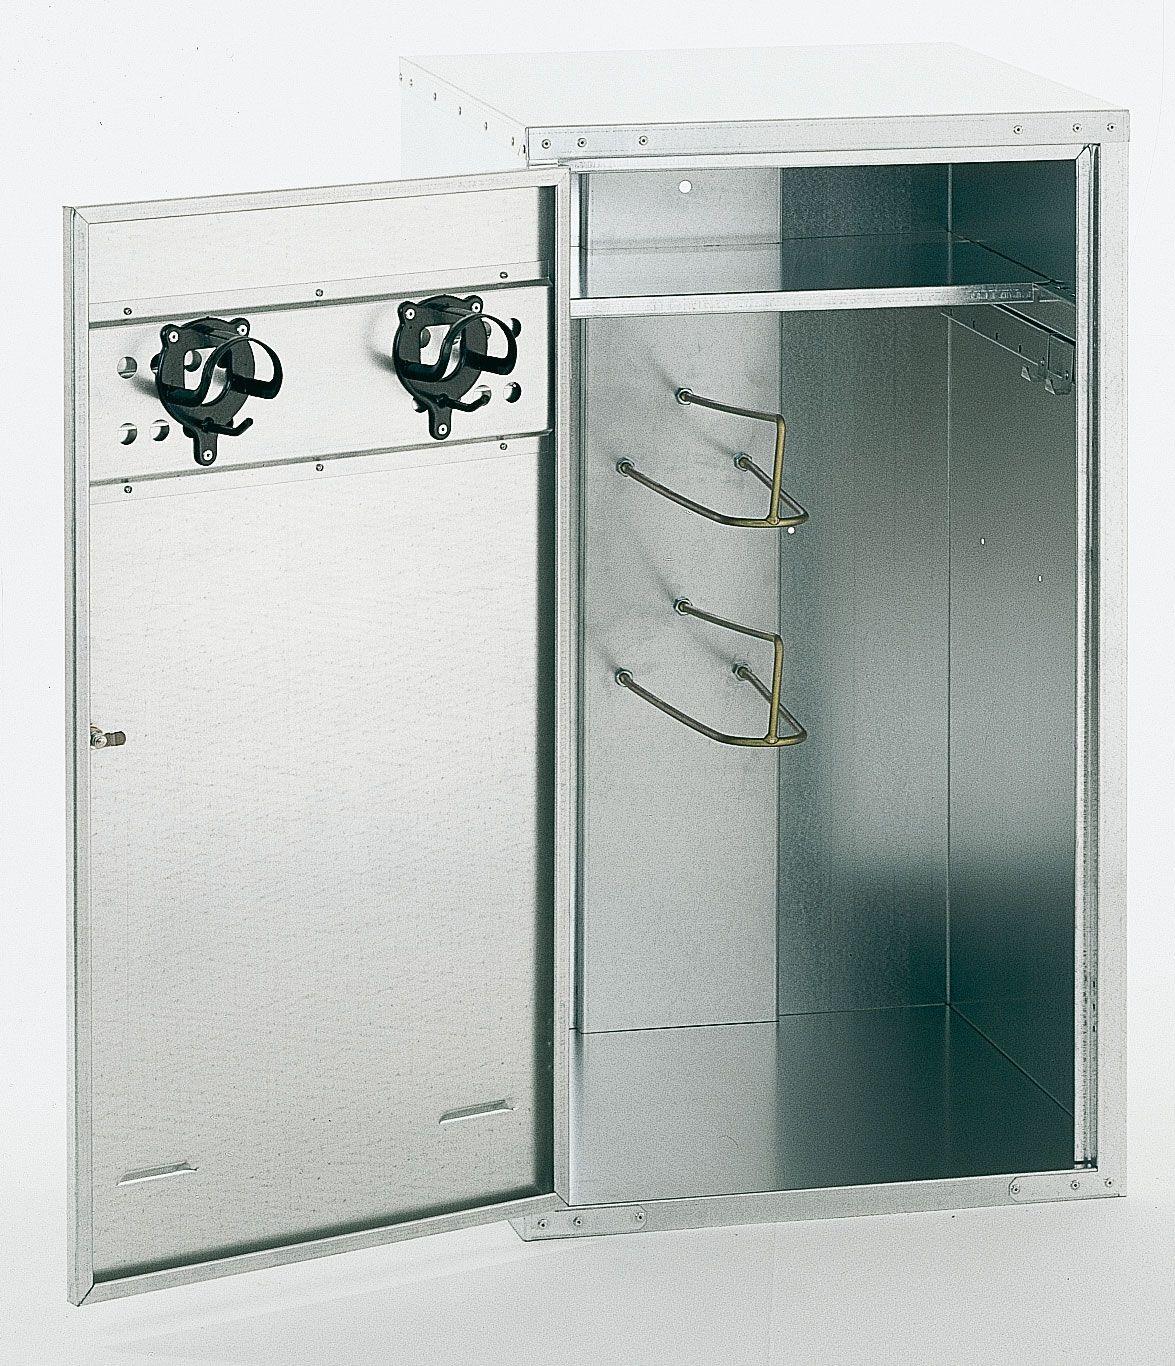 armoire de sellerie pour selle standard. Black Bedroom Furniture Sets. Home Design Ideas